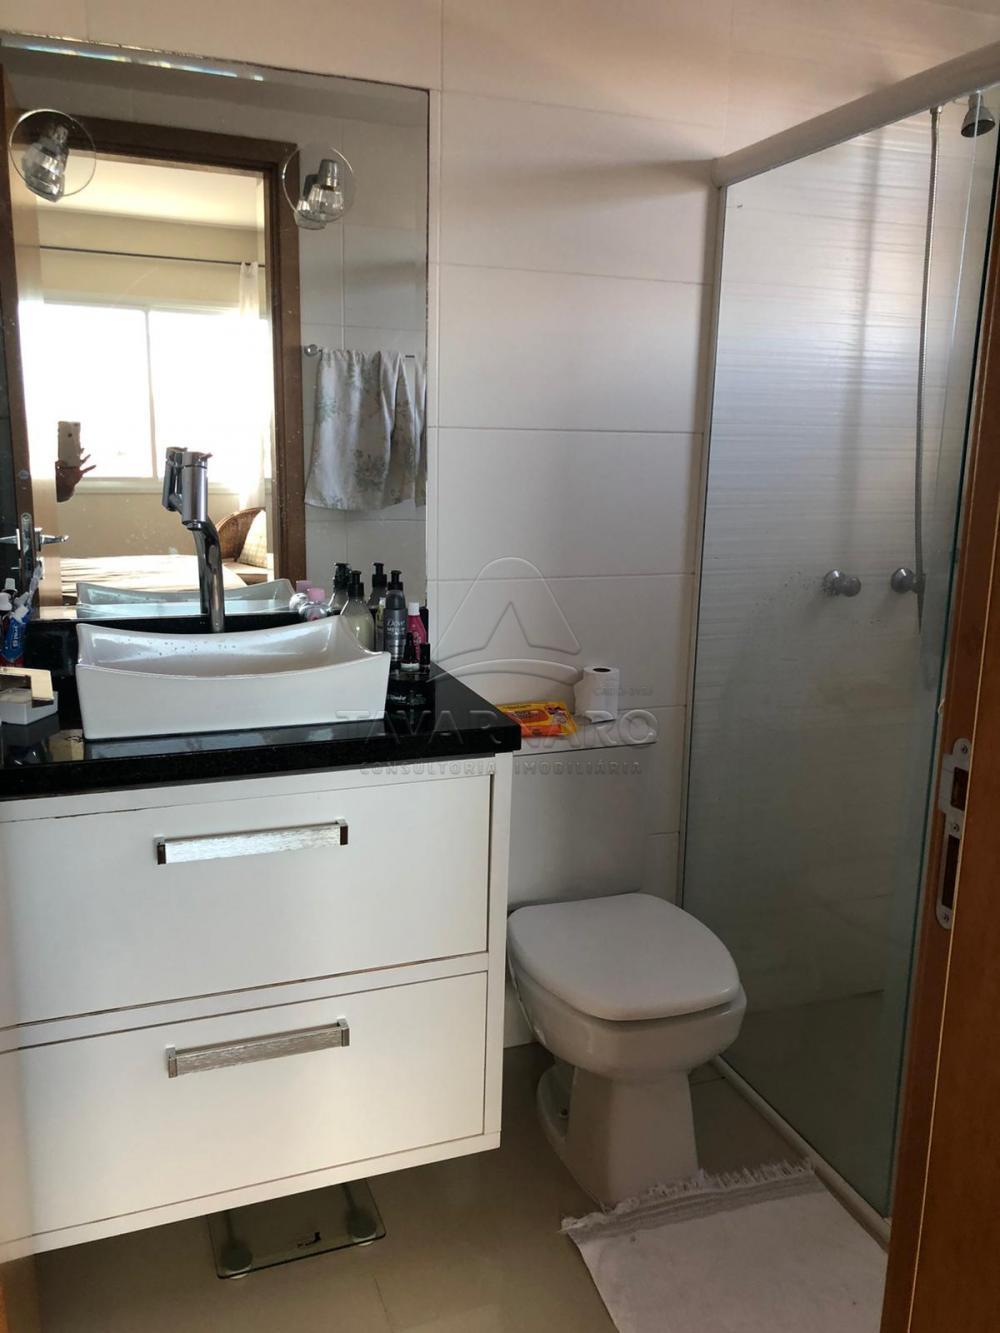 Comprar Apartamento / Padrão em Ponta Grossa R$ 610.000,00 - Foto 21